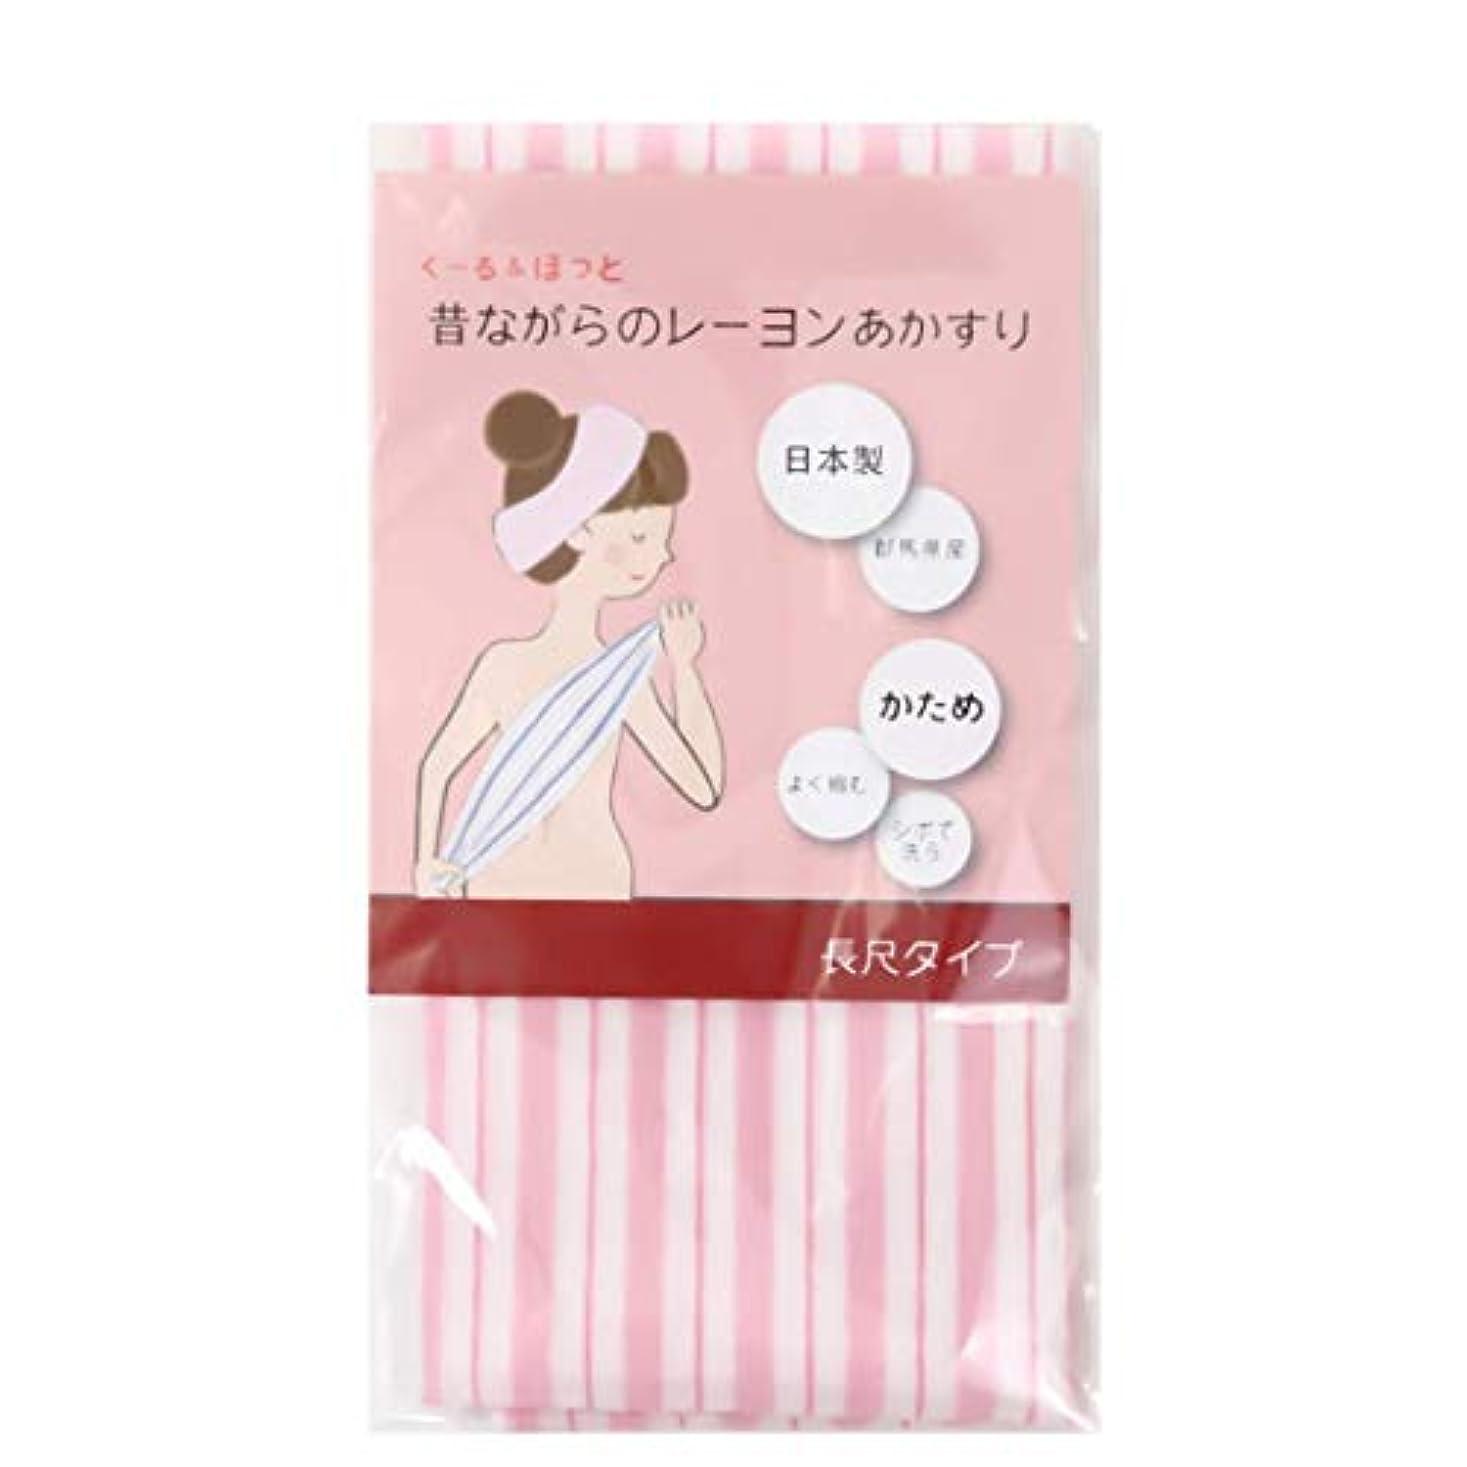 鼻在庫負担くーる&ほっと 昔ながらのレーヨンあかすり 日本製(群馬県で製造) 長尺1枚 (ピンク)